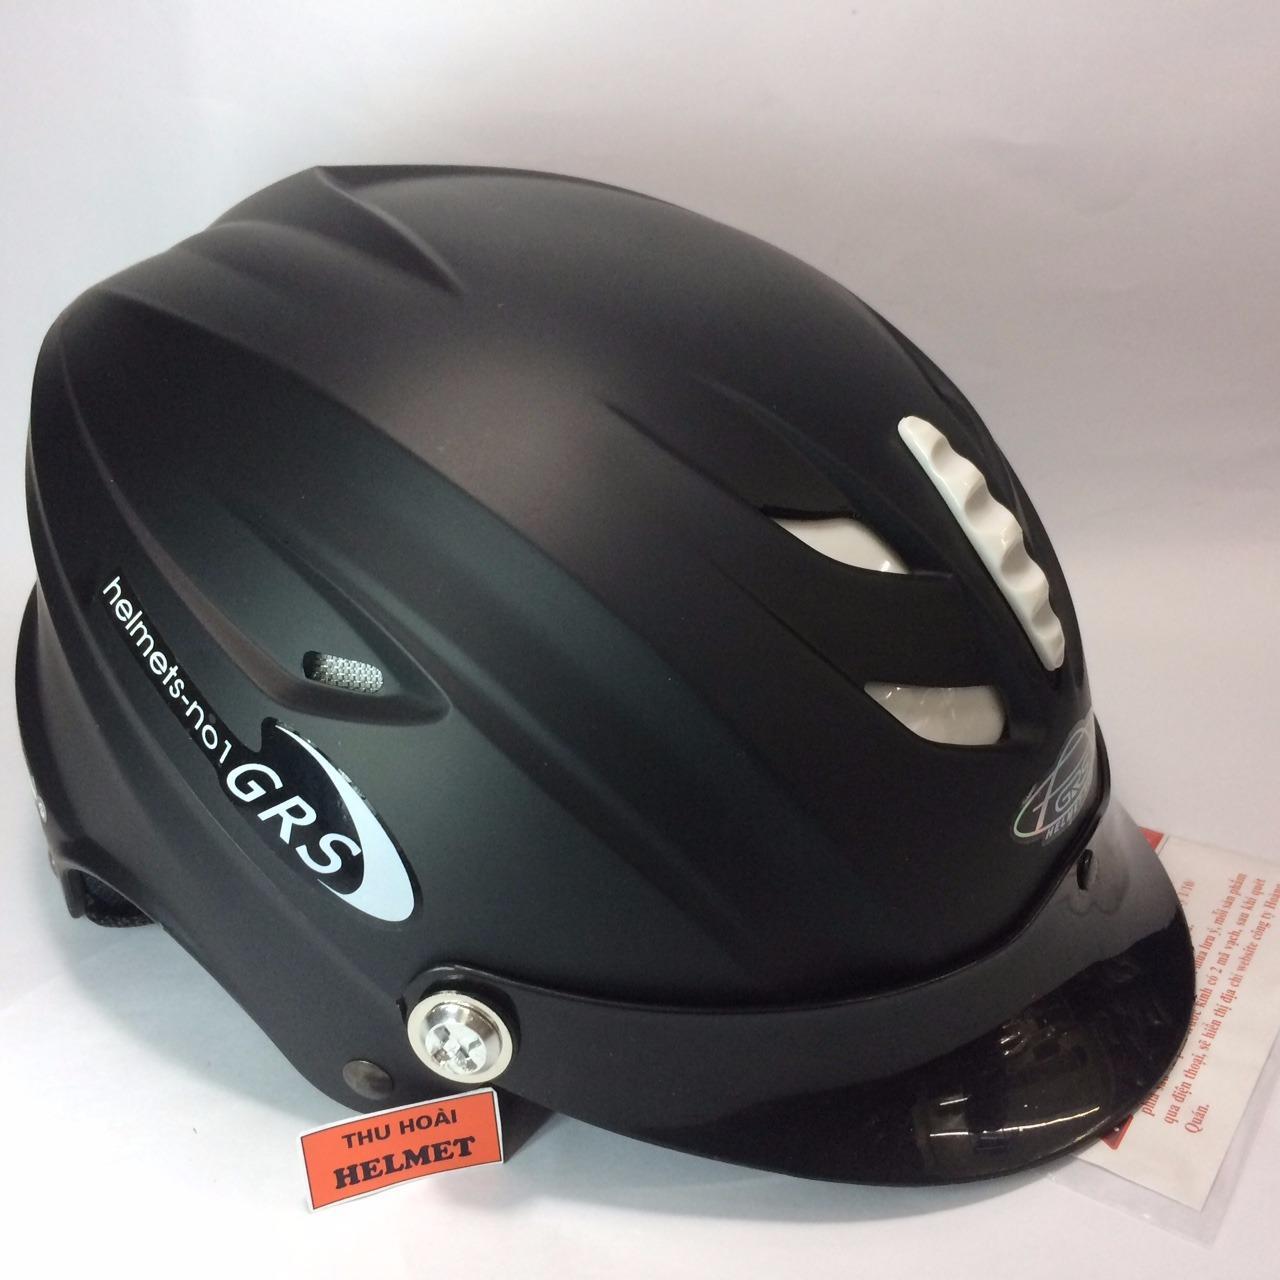 Mua Mũ Bảo Hiẻm Grs A760 Đen Nhám Grs Helmet Nguyên